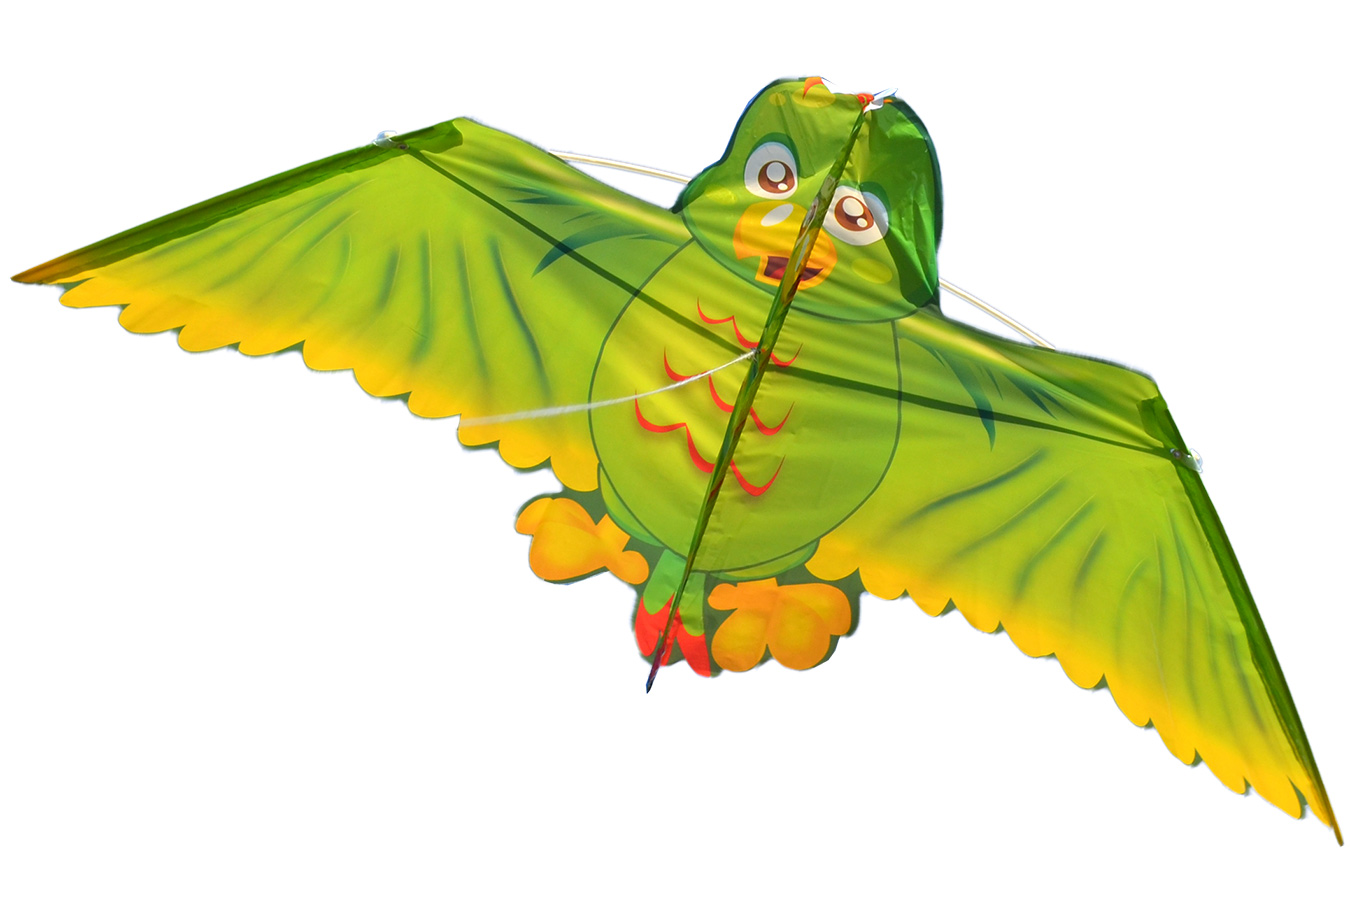 Зеленый воробей, воздушный змей [3949828]